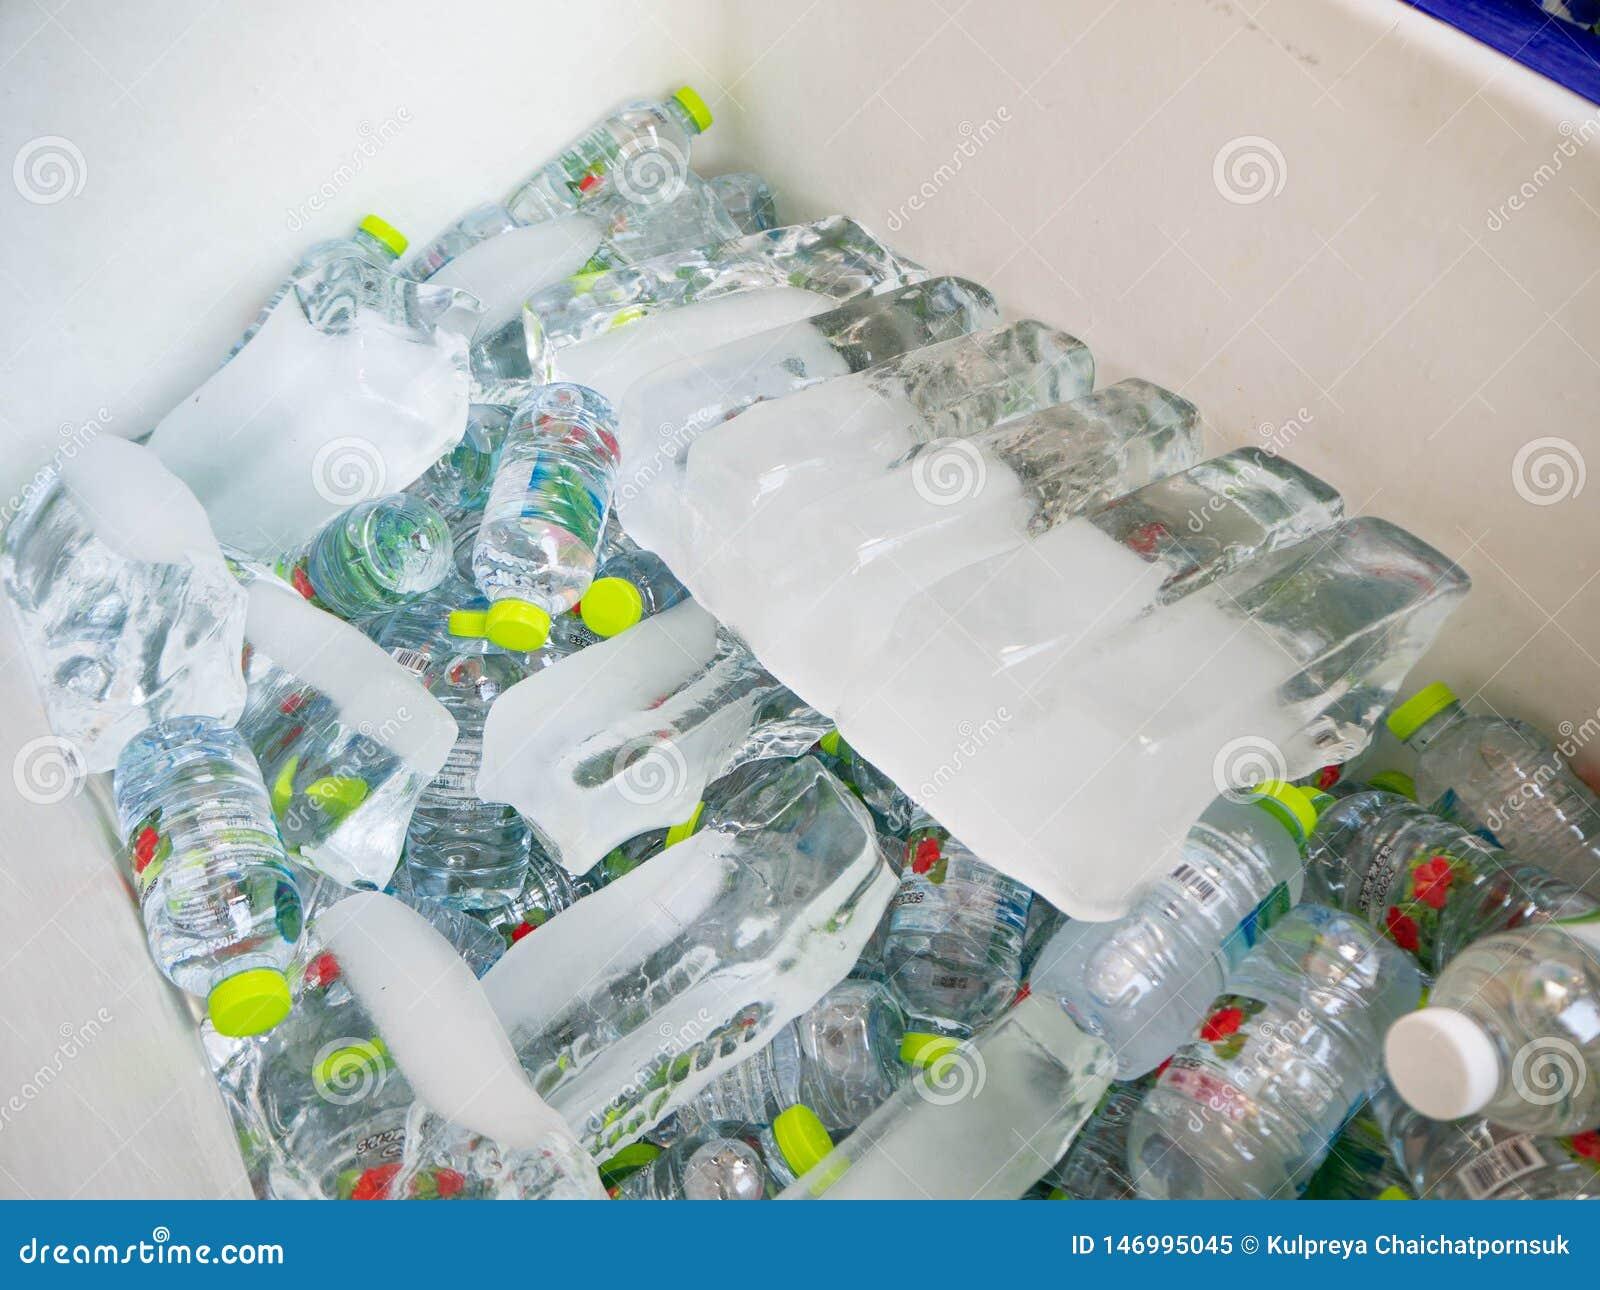 Garrafas de água embebidas em umas cubetas de gelo, Banguecoque, Tailândia